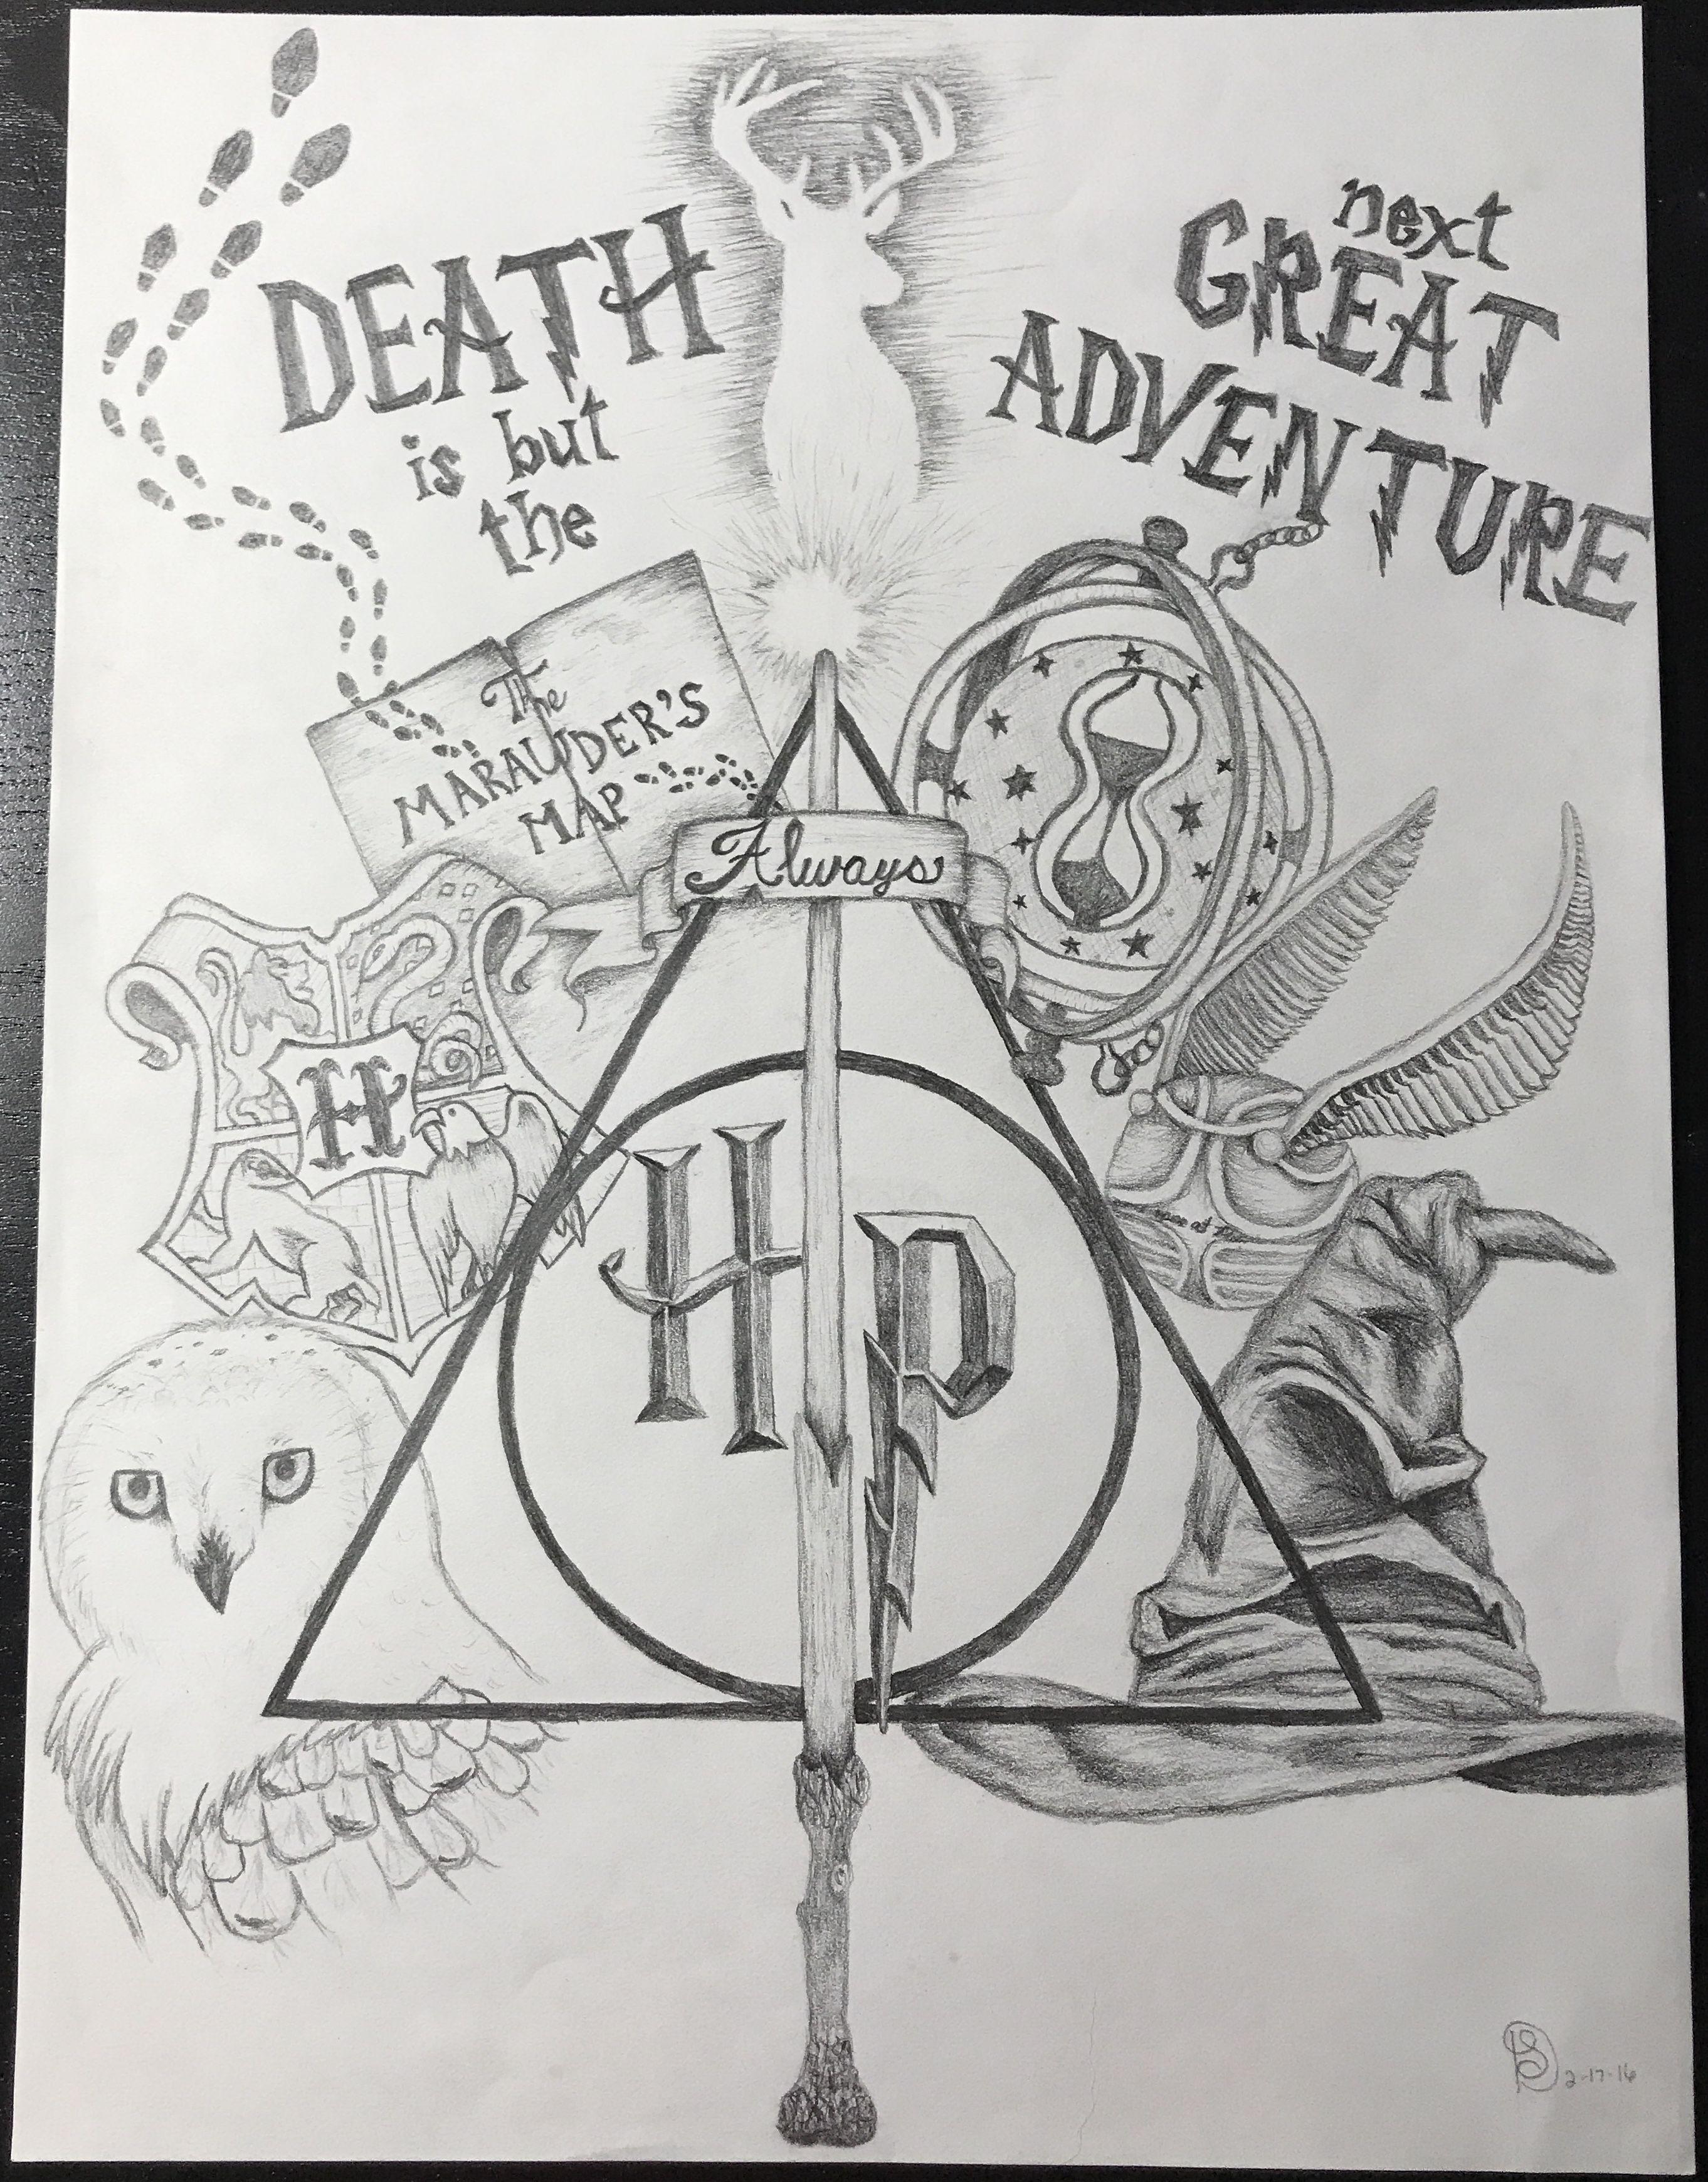 10 Awe Inspiring Keep A Sketchbook Have Fun Ideas Harry Potter Sketch Harry Potter Artwork Harry Potter Drawings